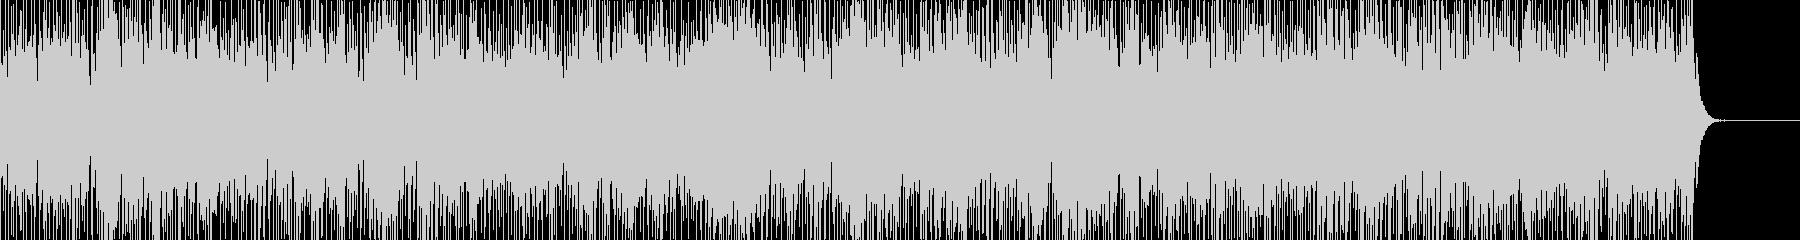 実用的なカリンバの無機質BGM2の未再生の波形